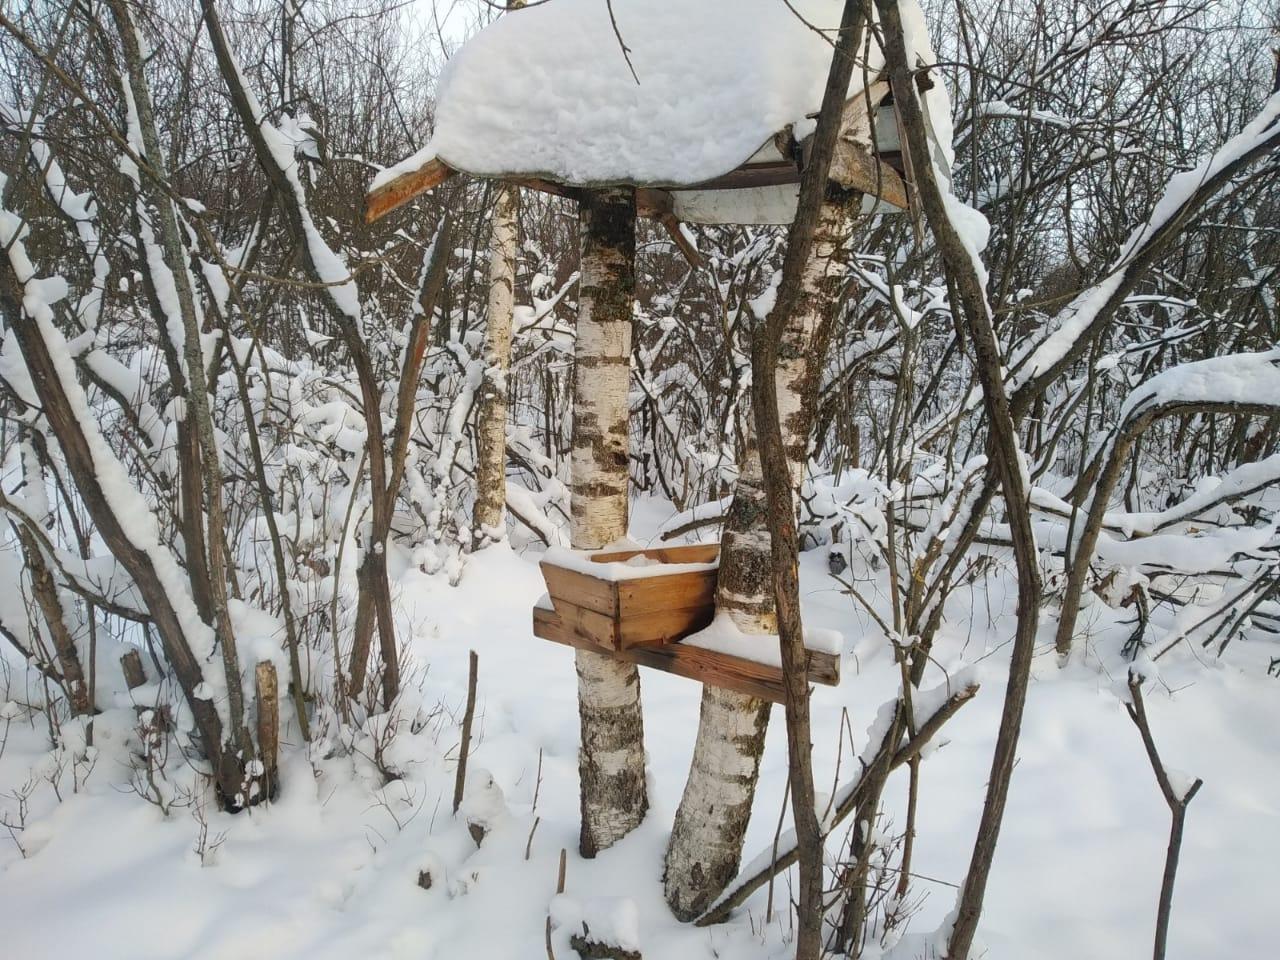 Более 6 тысяч тонн кормов и 170 тонн соли ежегодно выкладывают в ярославских лесах для диких животных